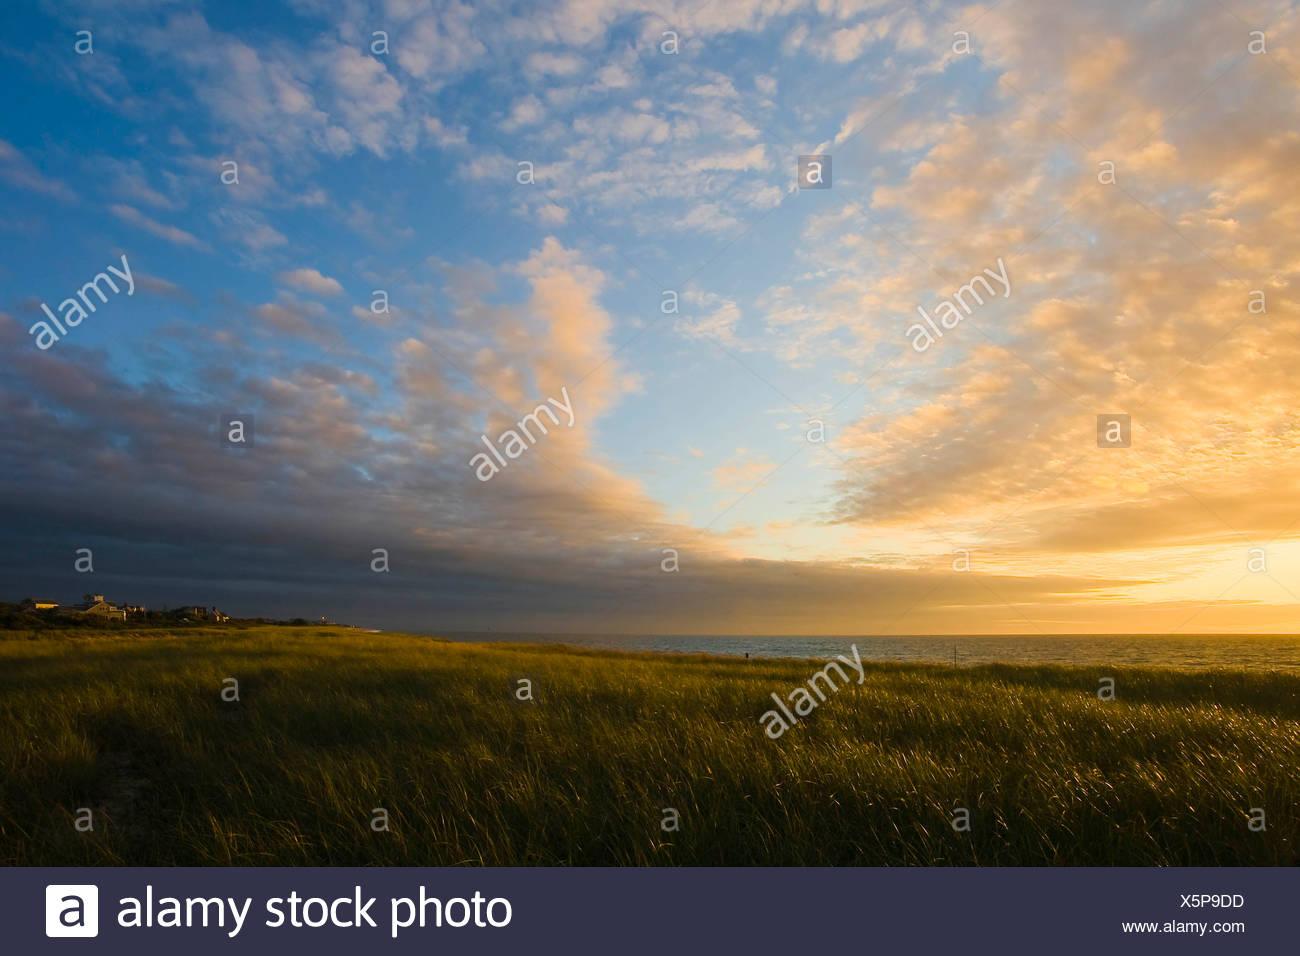 Les nuages se dissiper comme le soleil se lève sur la côte. Photo Stock